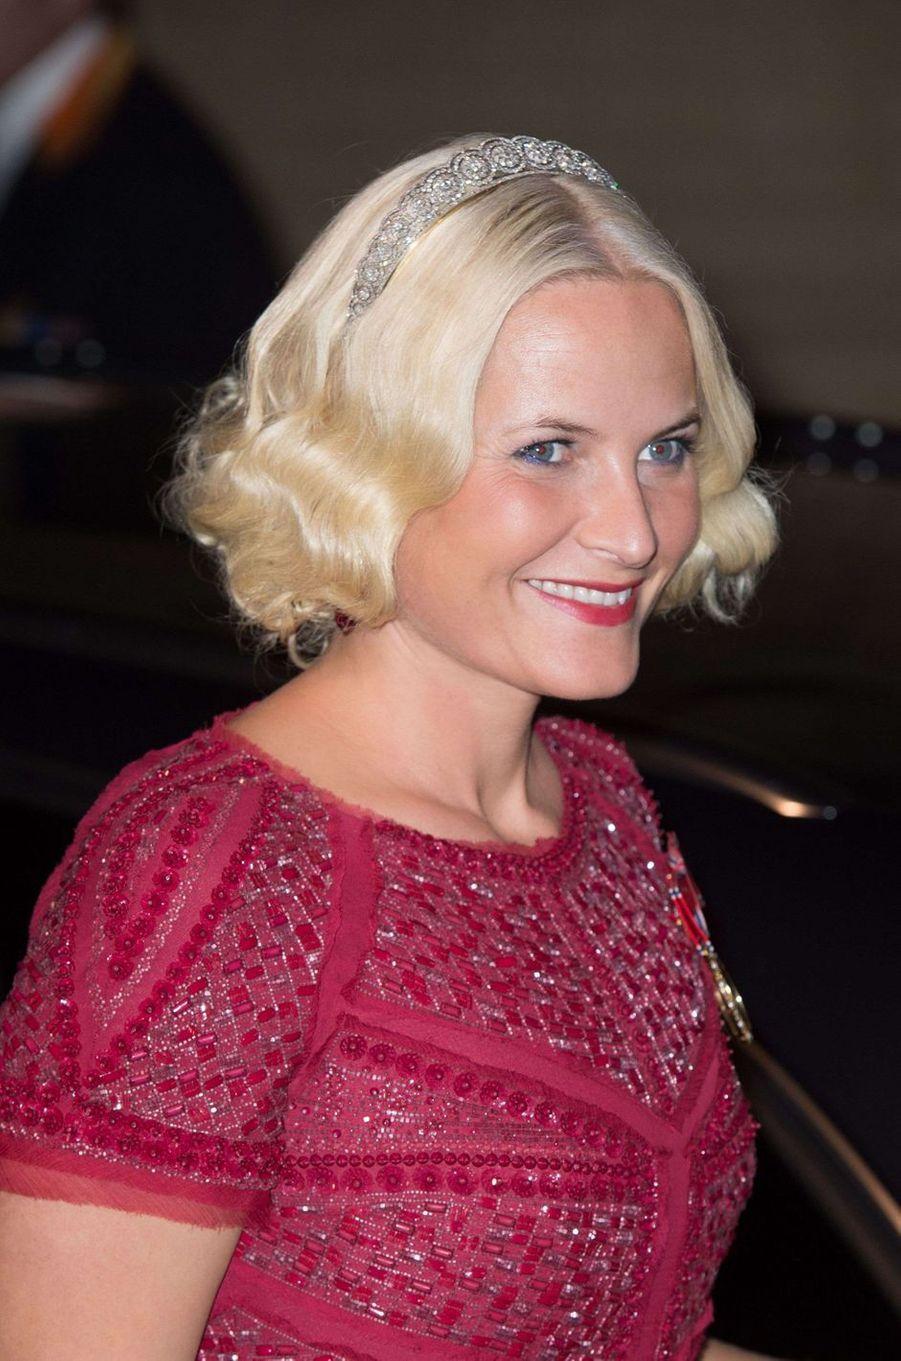 La princesse Mette-Marit de Norvège, le 19 octobre 2012